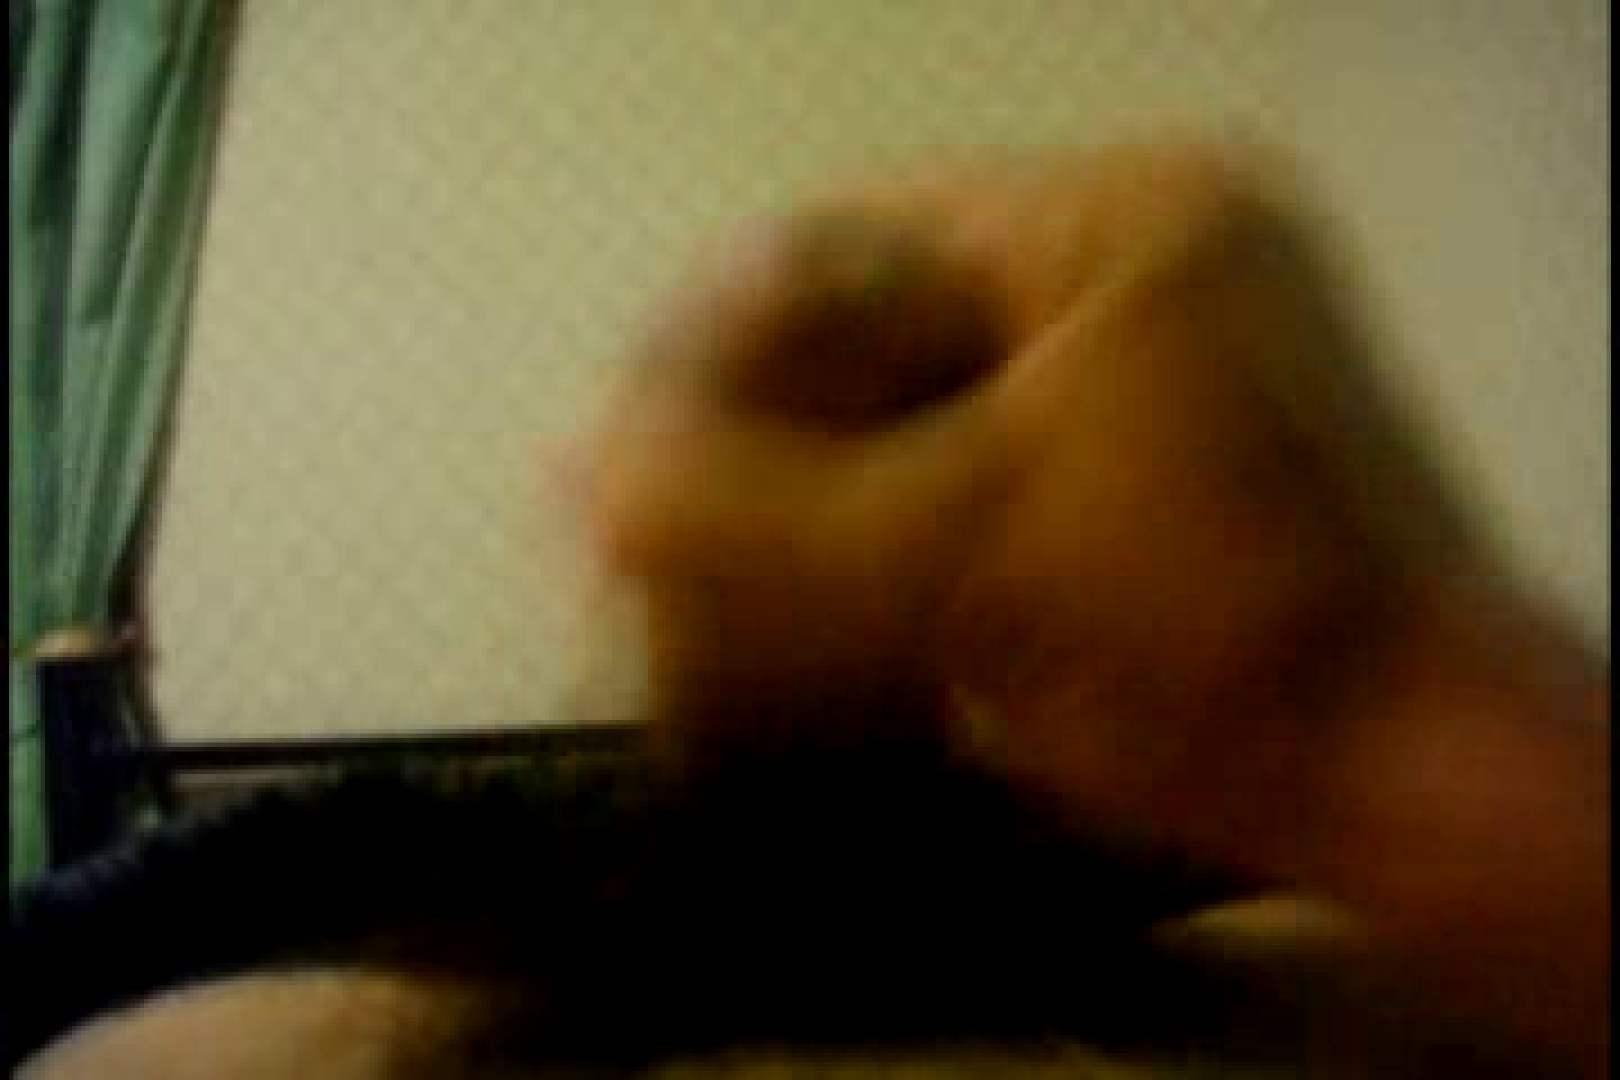 オナ好きノンケテニス部員の自画撮り投稿vol.05 投稿作品 ゲイアダルトビデオ紹介 76画像 4